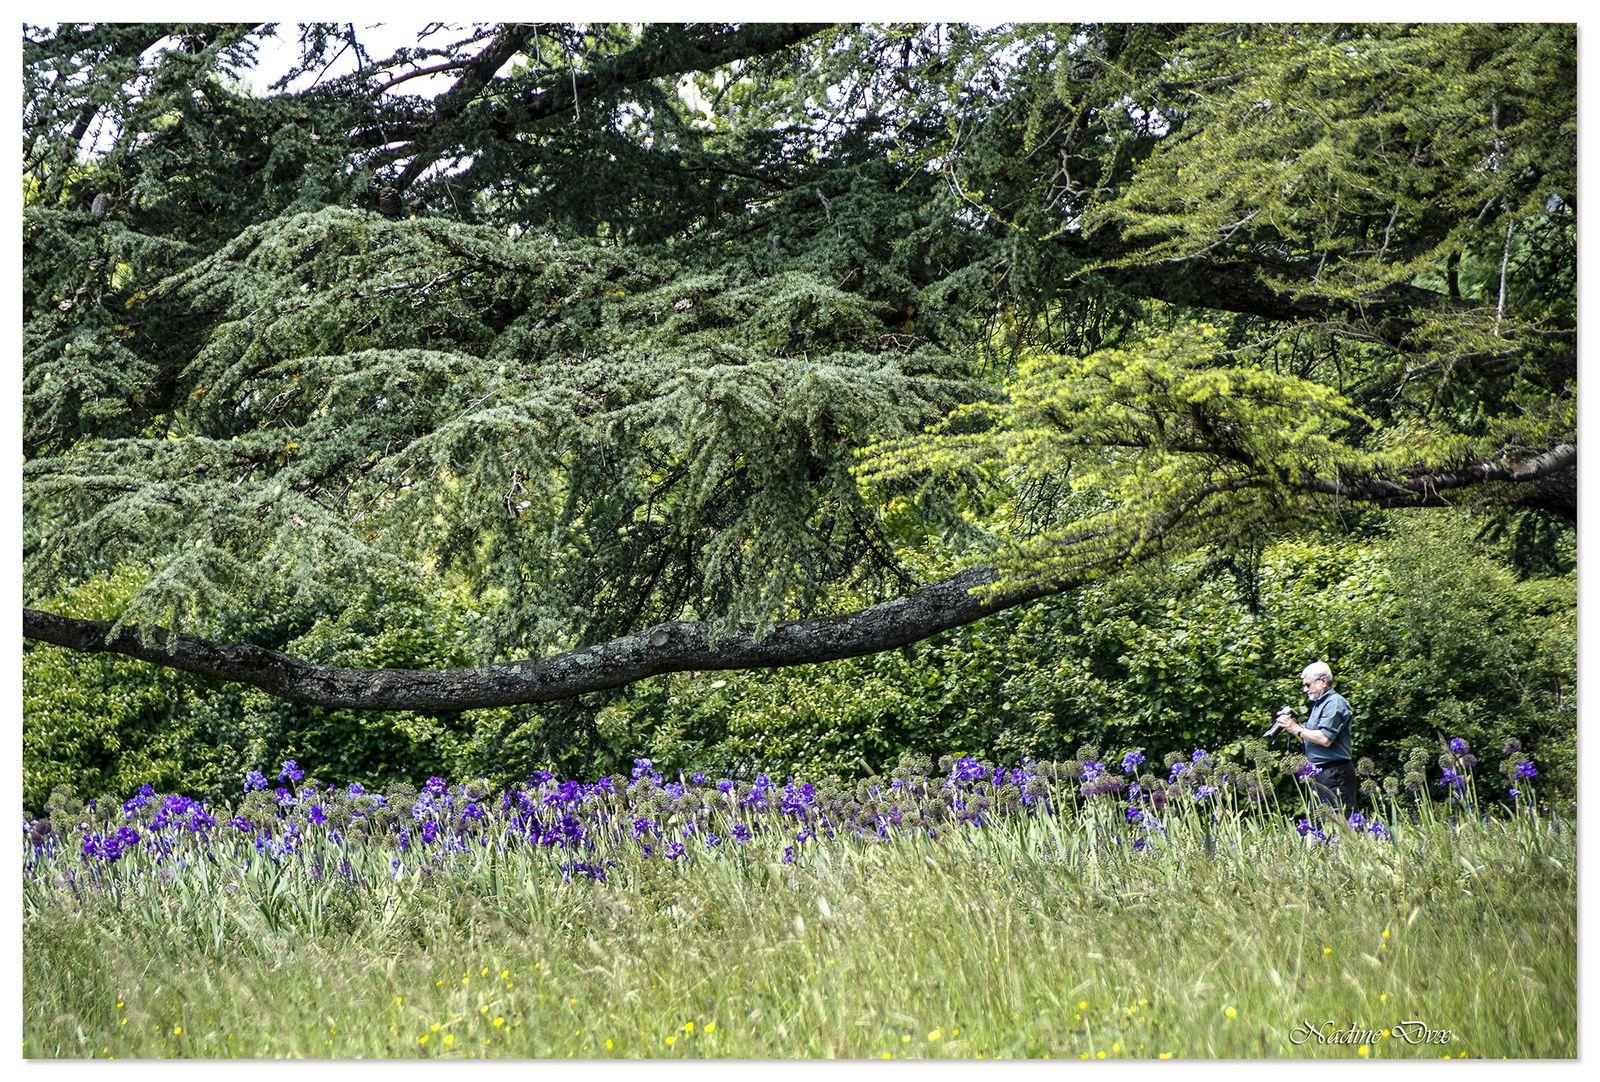 La promenade des iris bleus - Domaine de Chaumont-sur-Loire.